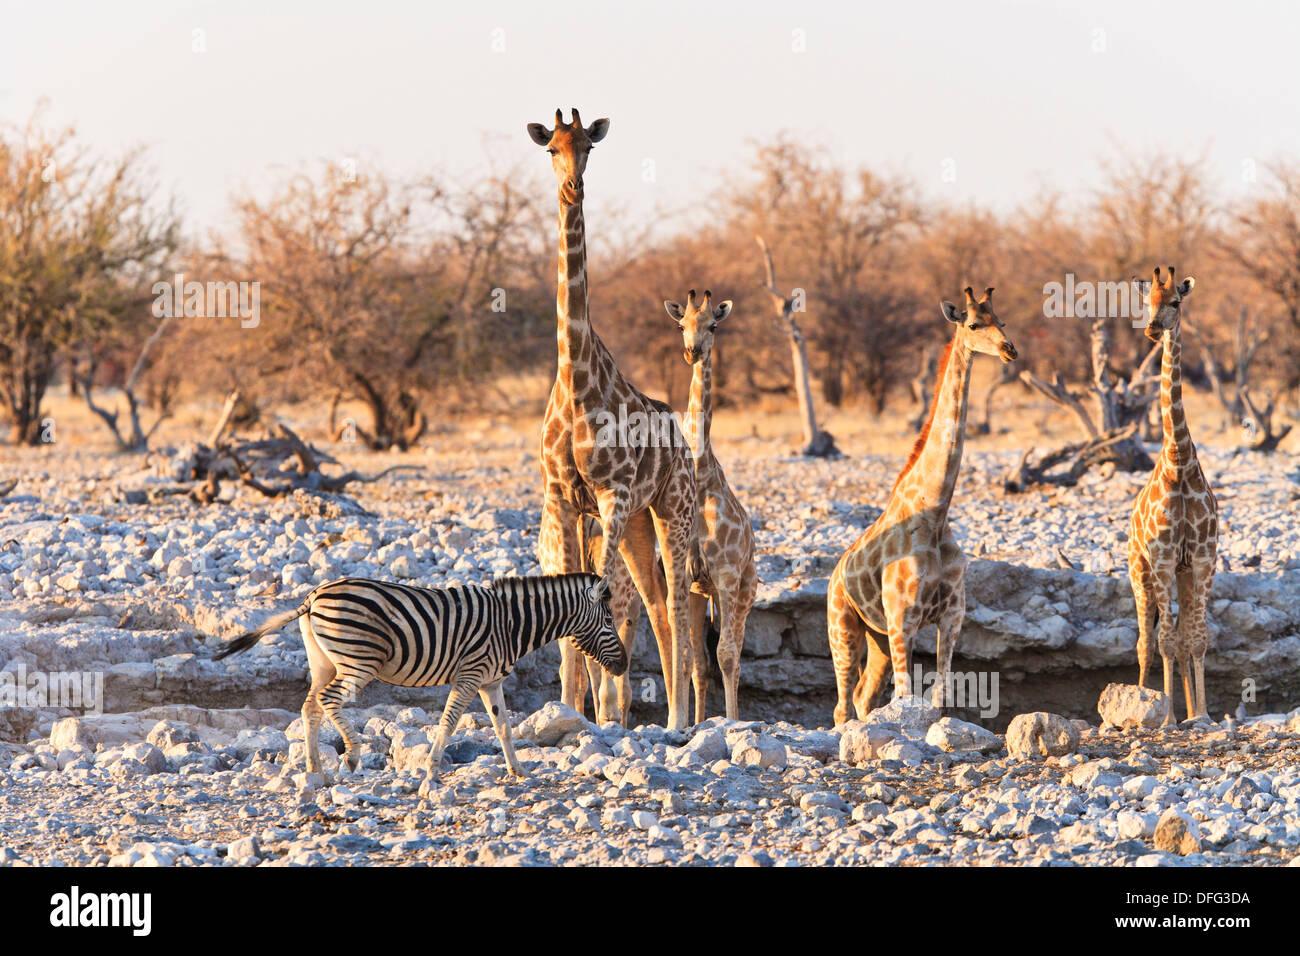 Les Girafes (Giraffa camelopardalis) et un seul le zèbre de Burchell (Equus burchelli) à un étang dans le Parc National d'Etosha, Photo Stock